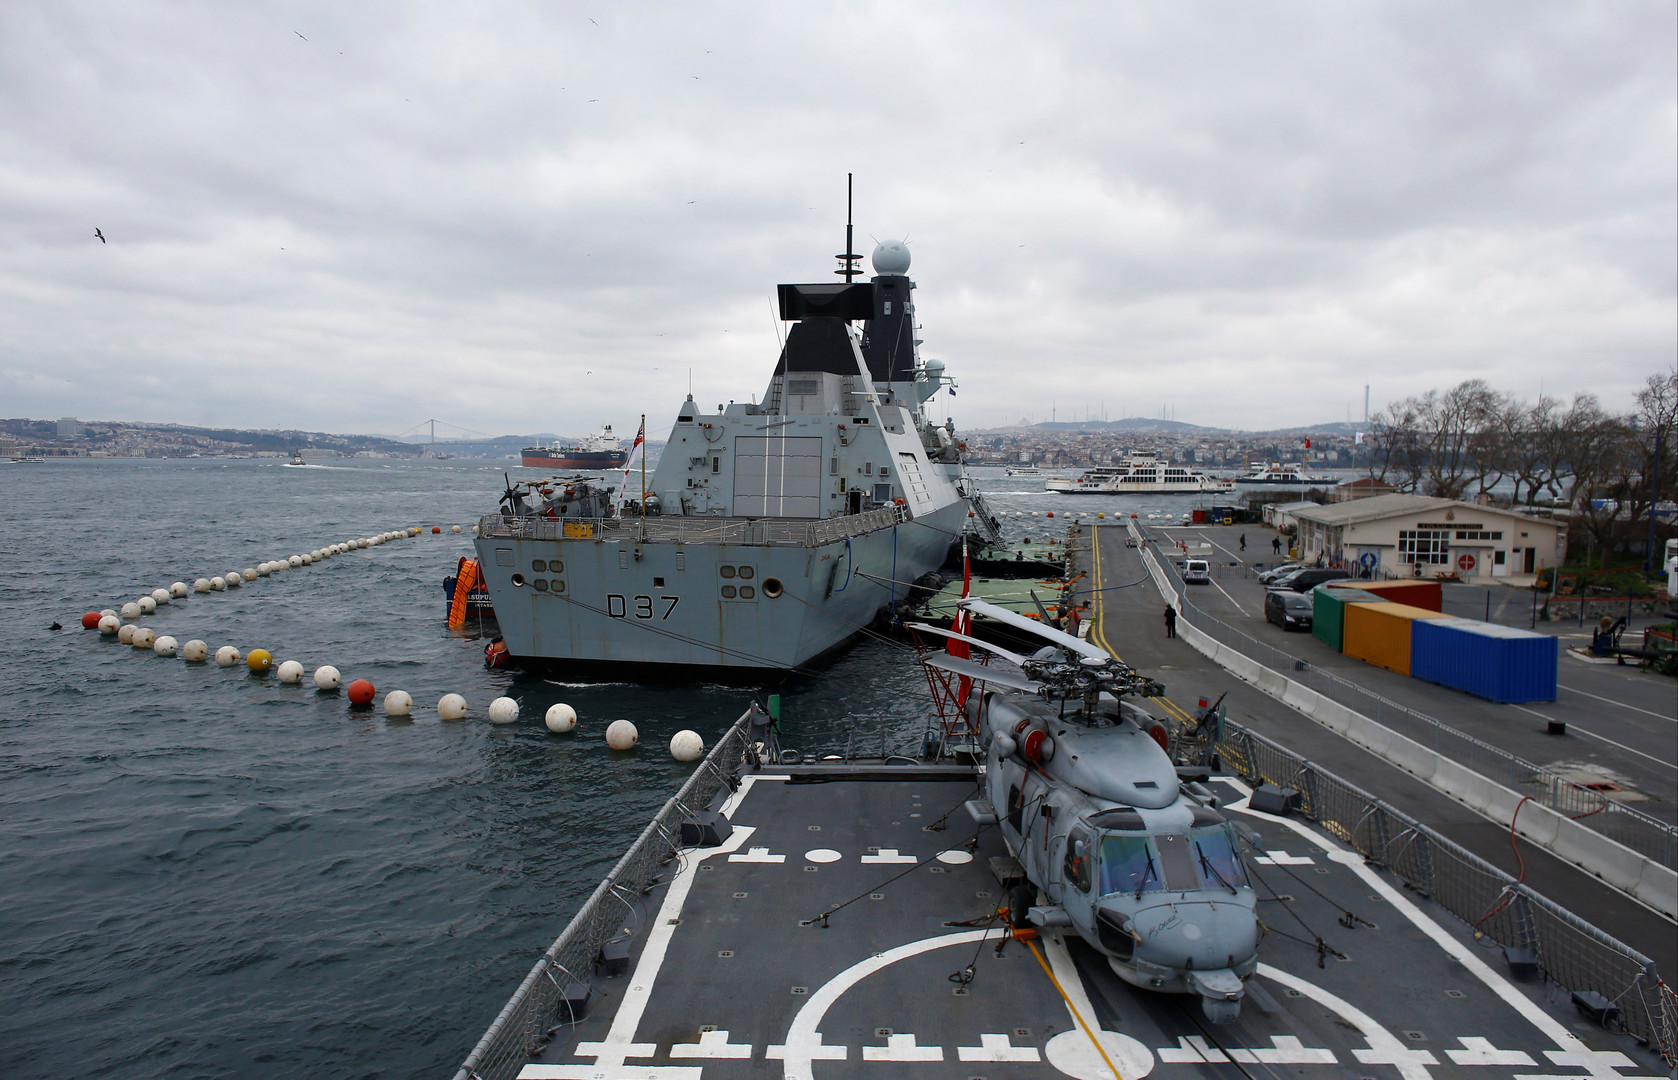 وثيقة رسمية تكشف حقيقة الحشد العسكري البحري البريطاني في الخليج